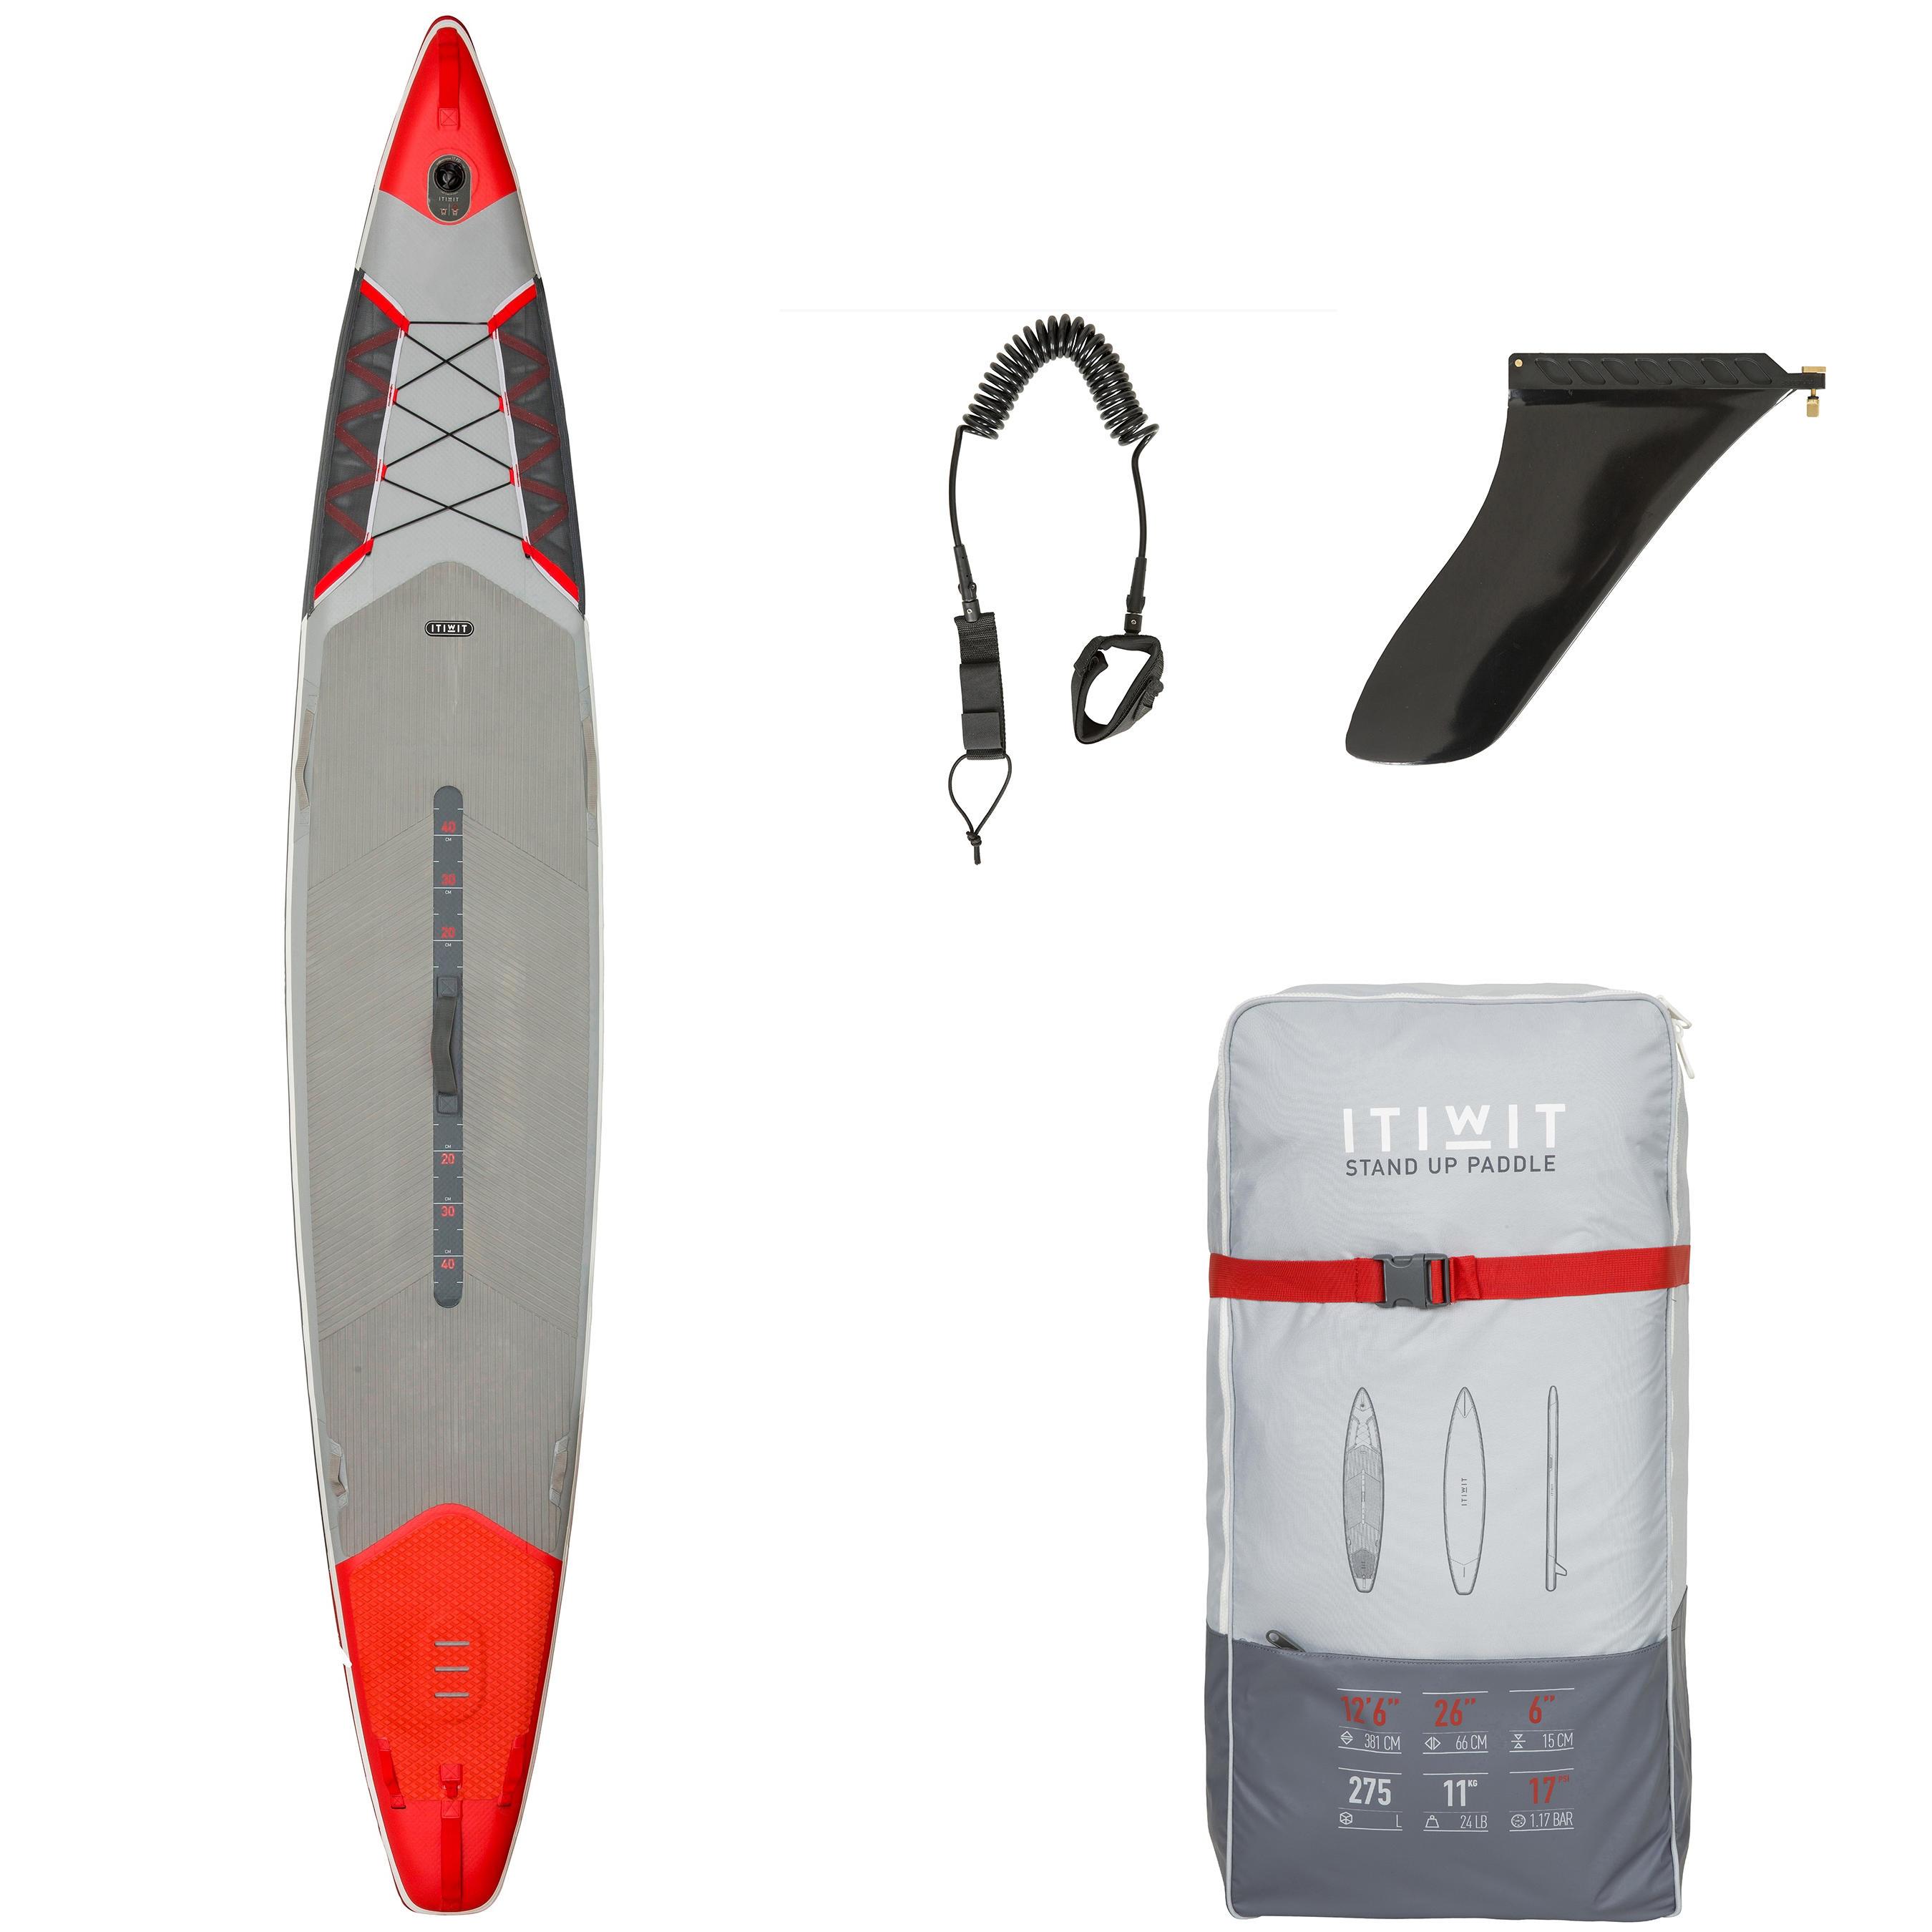 Itiwit Opblaasbaar supboard 500 - 12'6-26 voor tochten en wedstrijden, rood